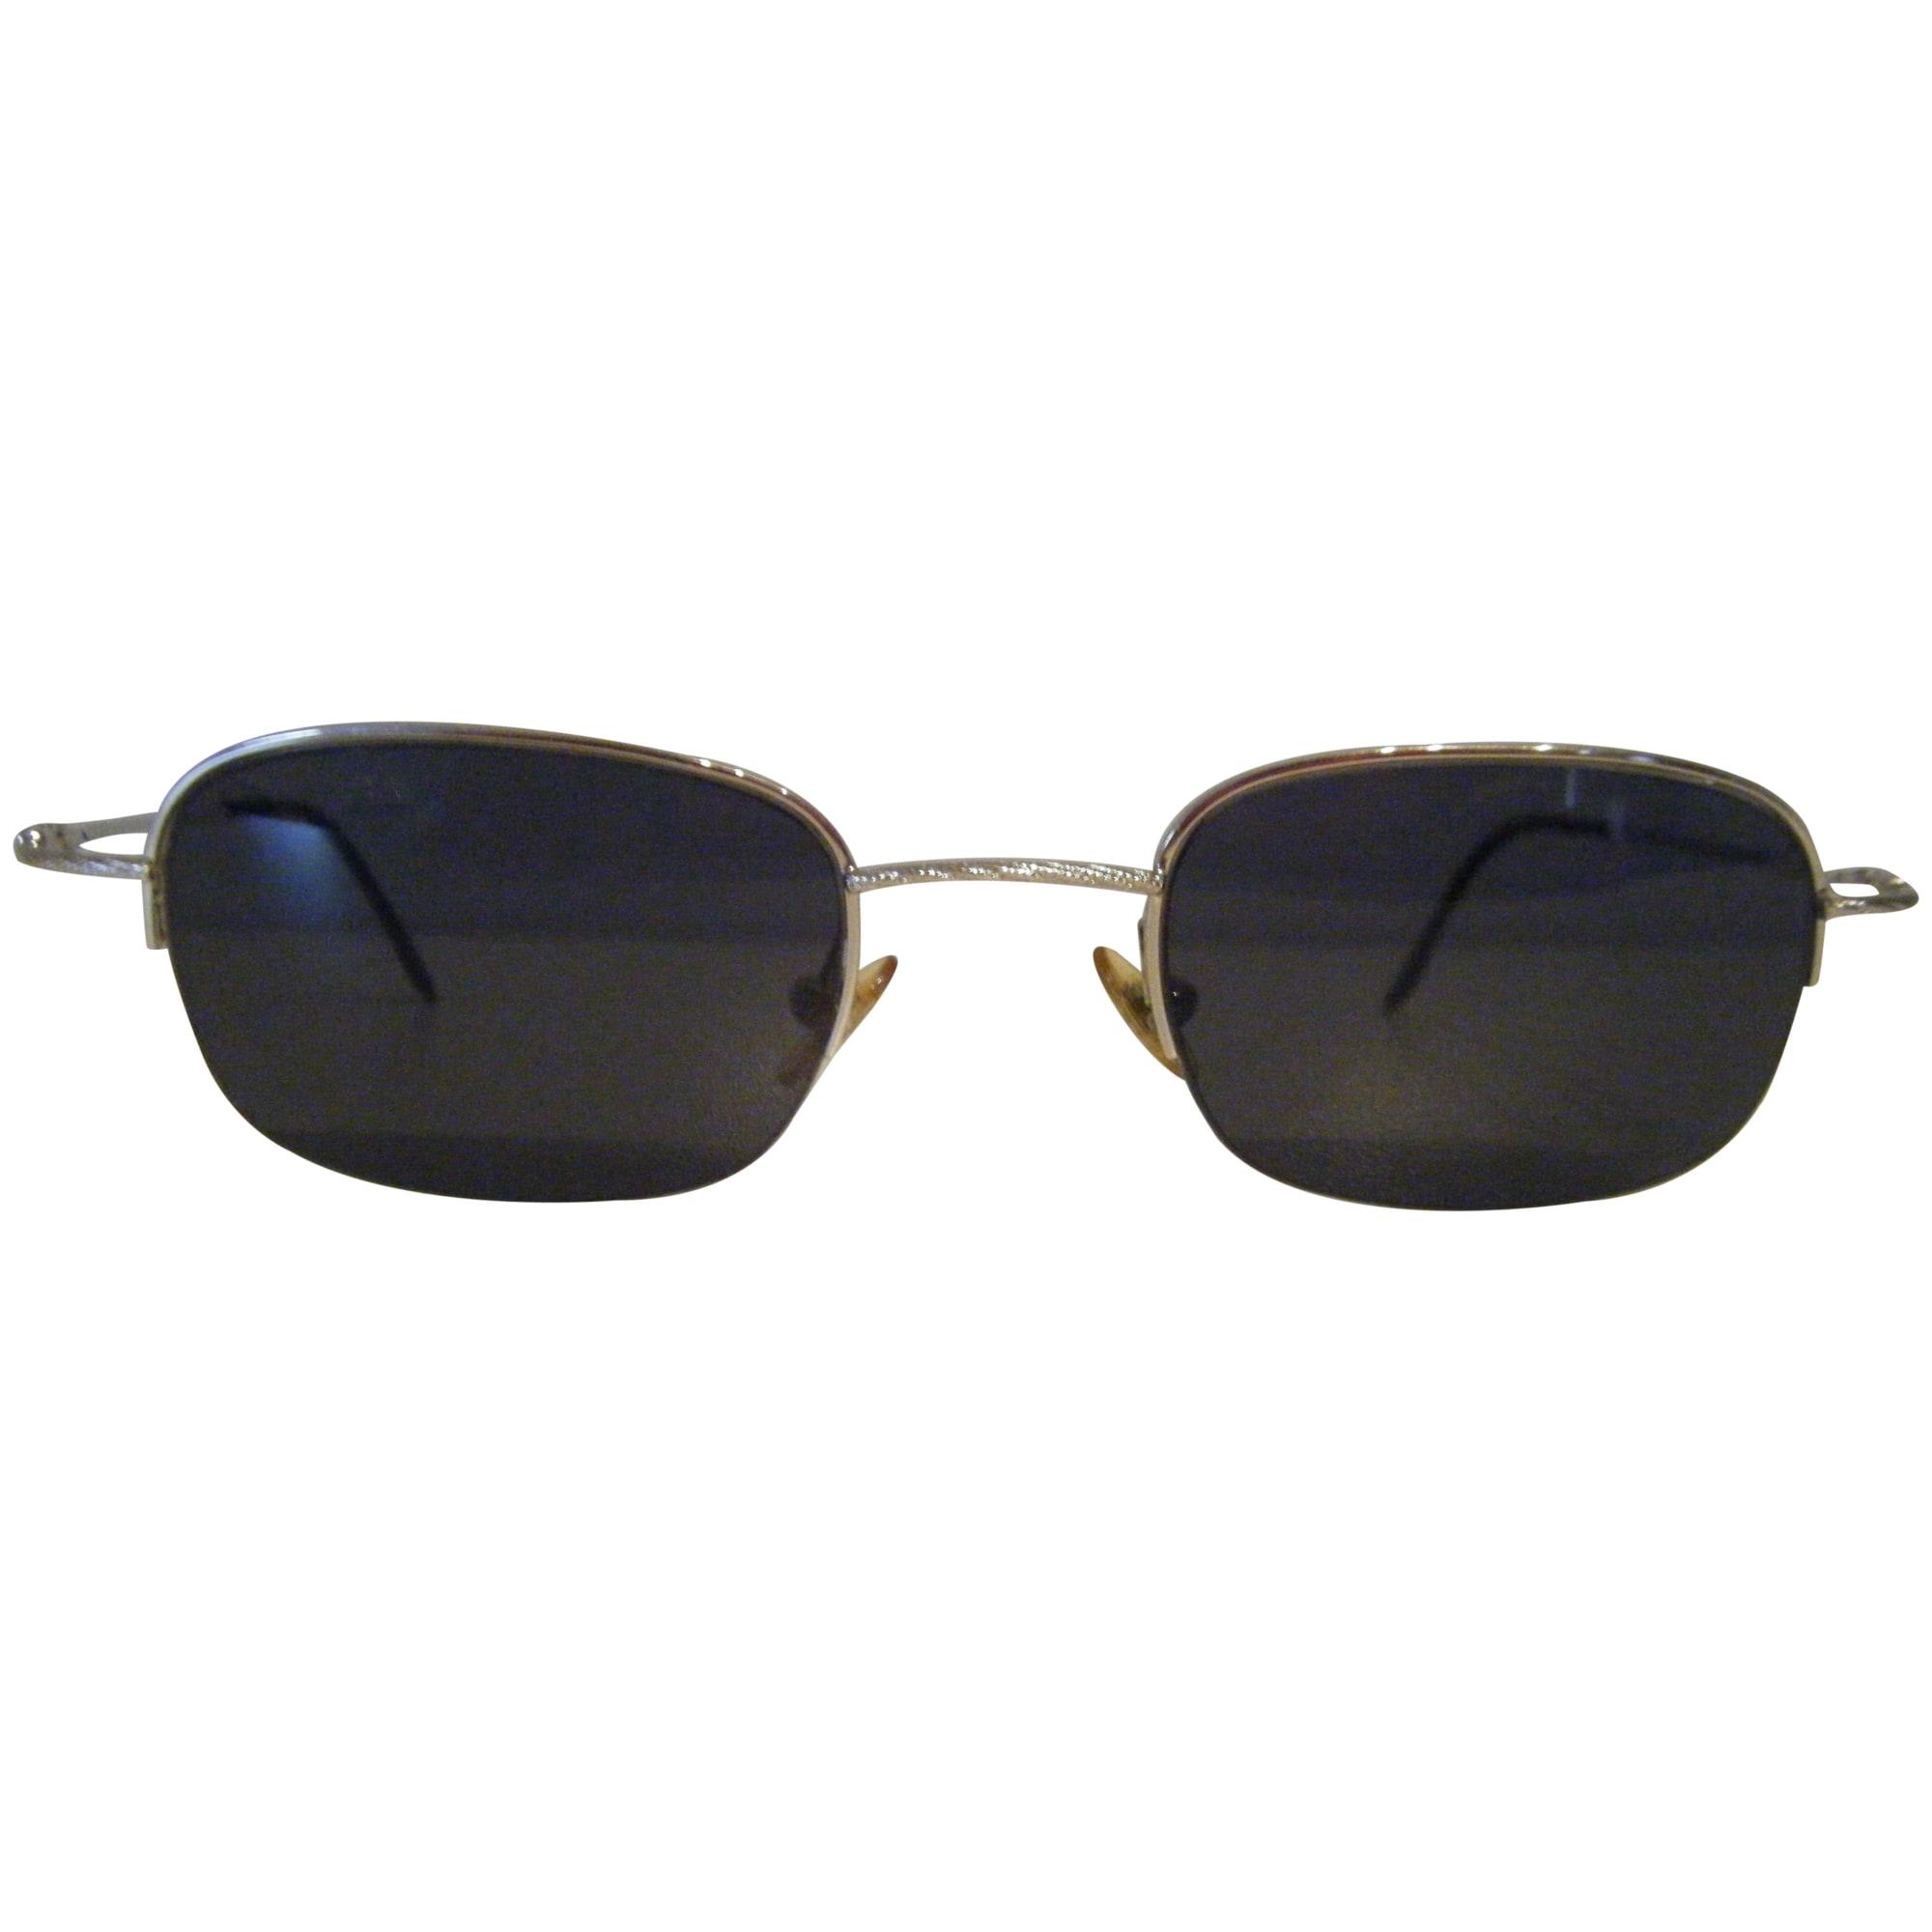 7f8c8d068e5195 Lunettes de soleil FRED argenté vendu par Séfora208815 - 2147552